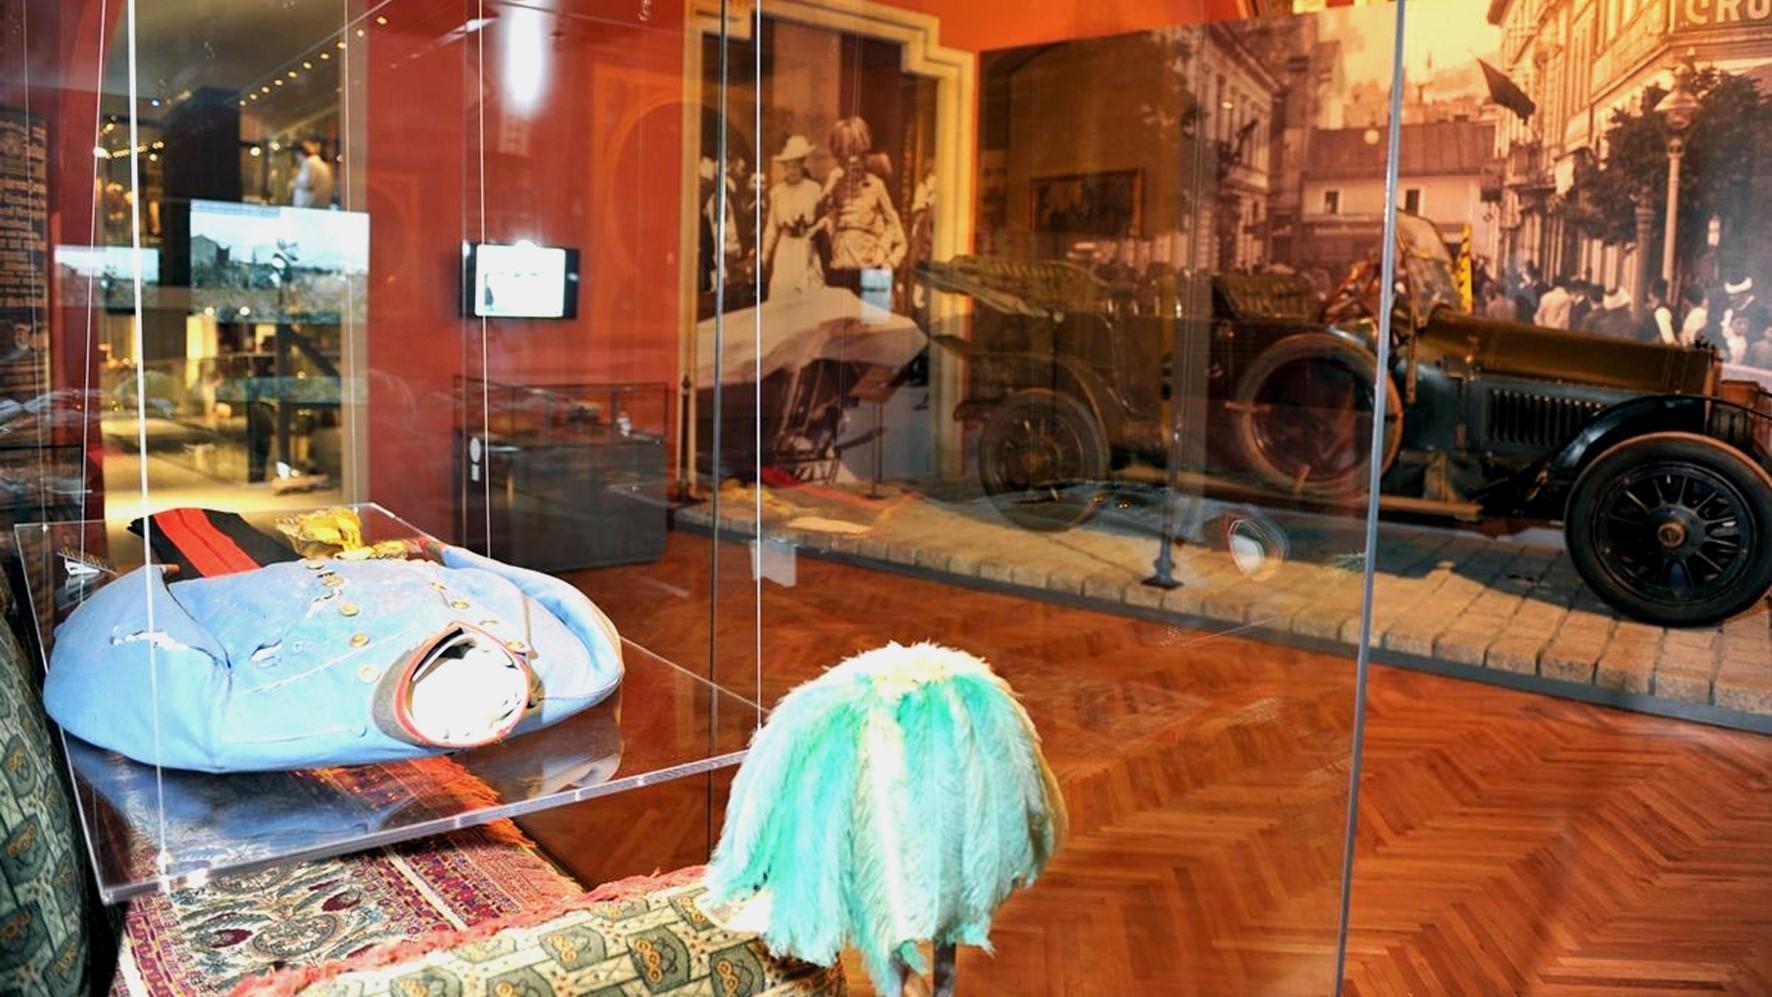 Новая экспозиция с прозрачным стендом с личными вещами Франца Фердинанда